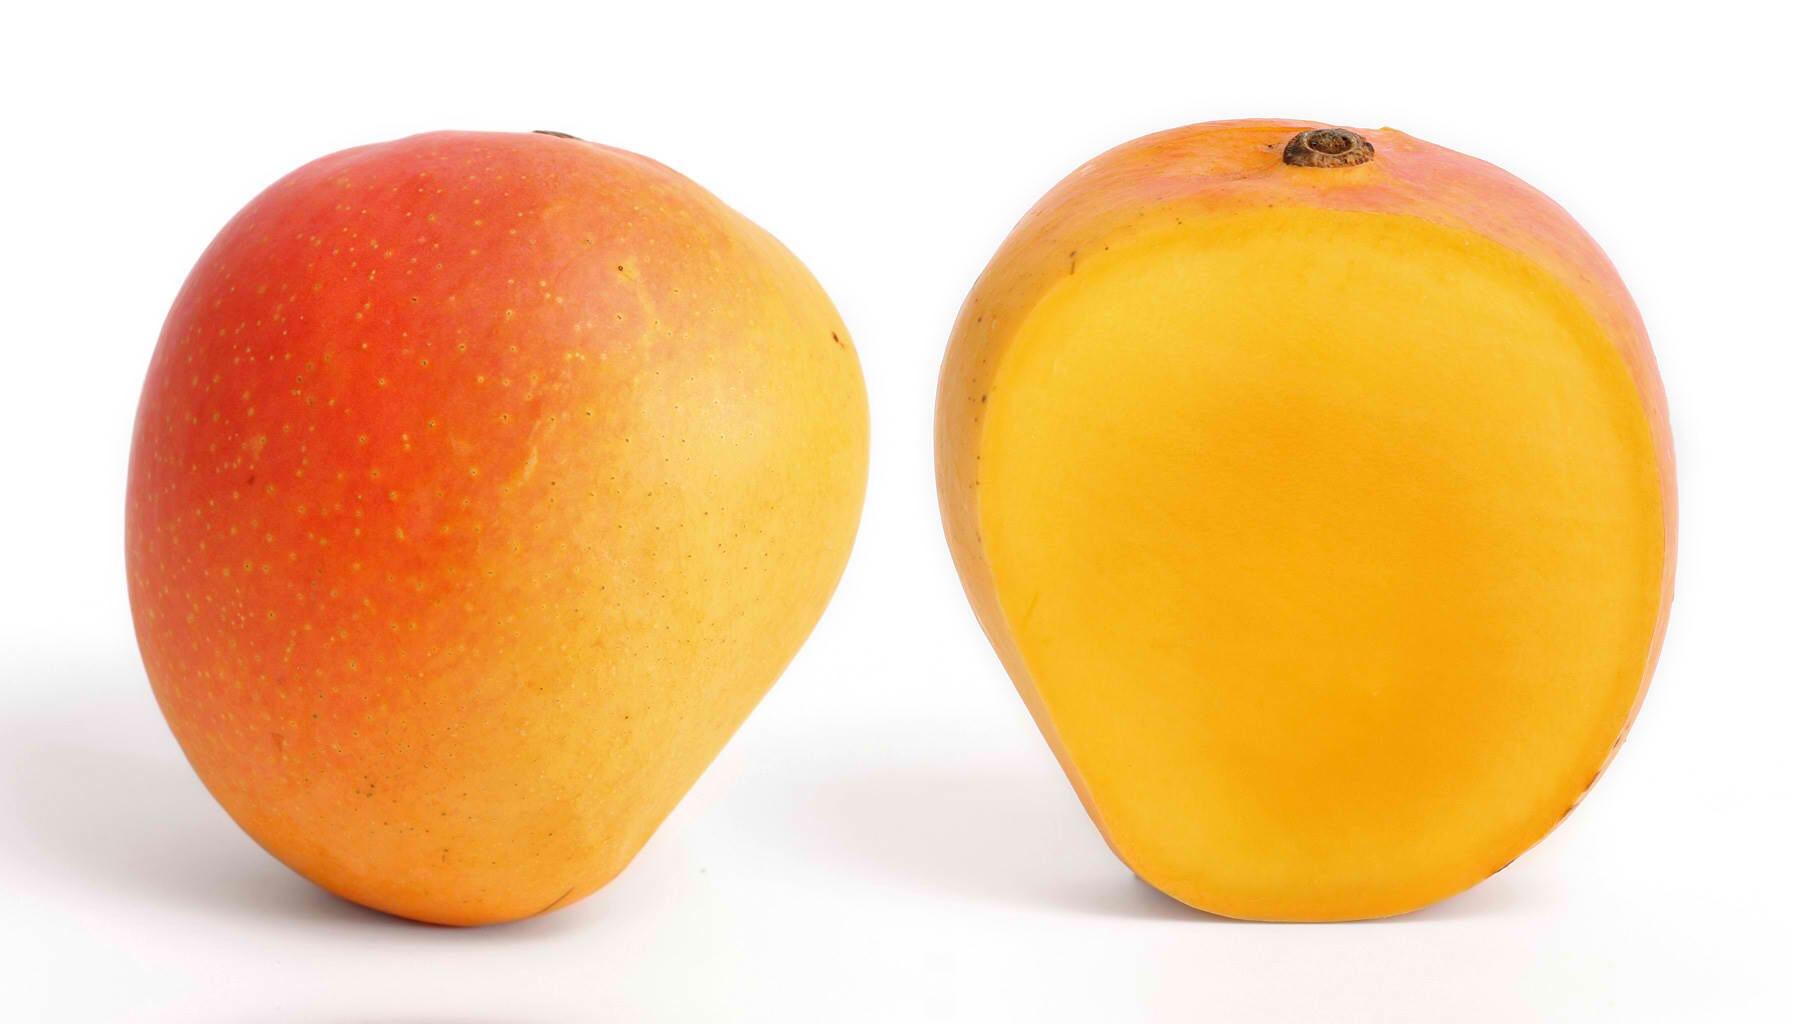 mangoes___20140923053027___.png